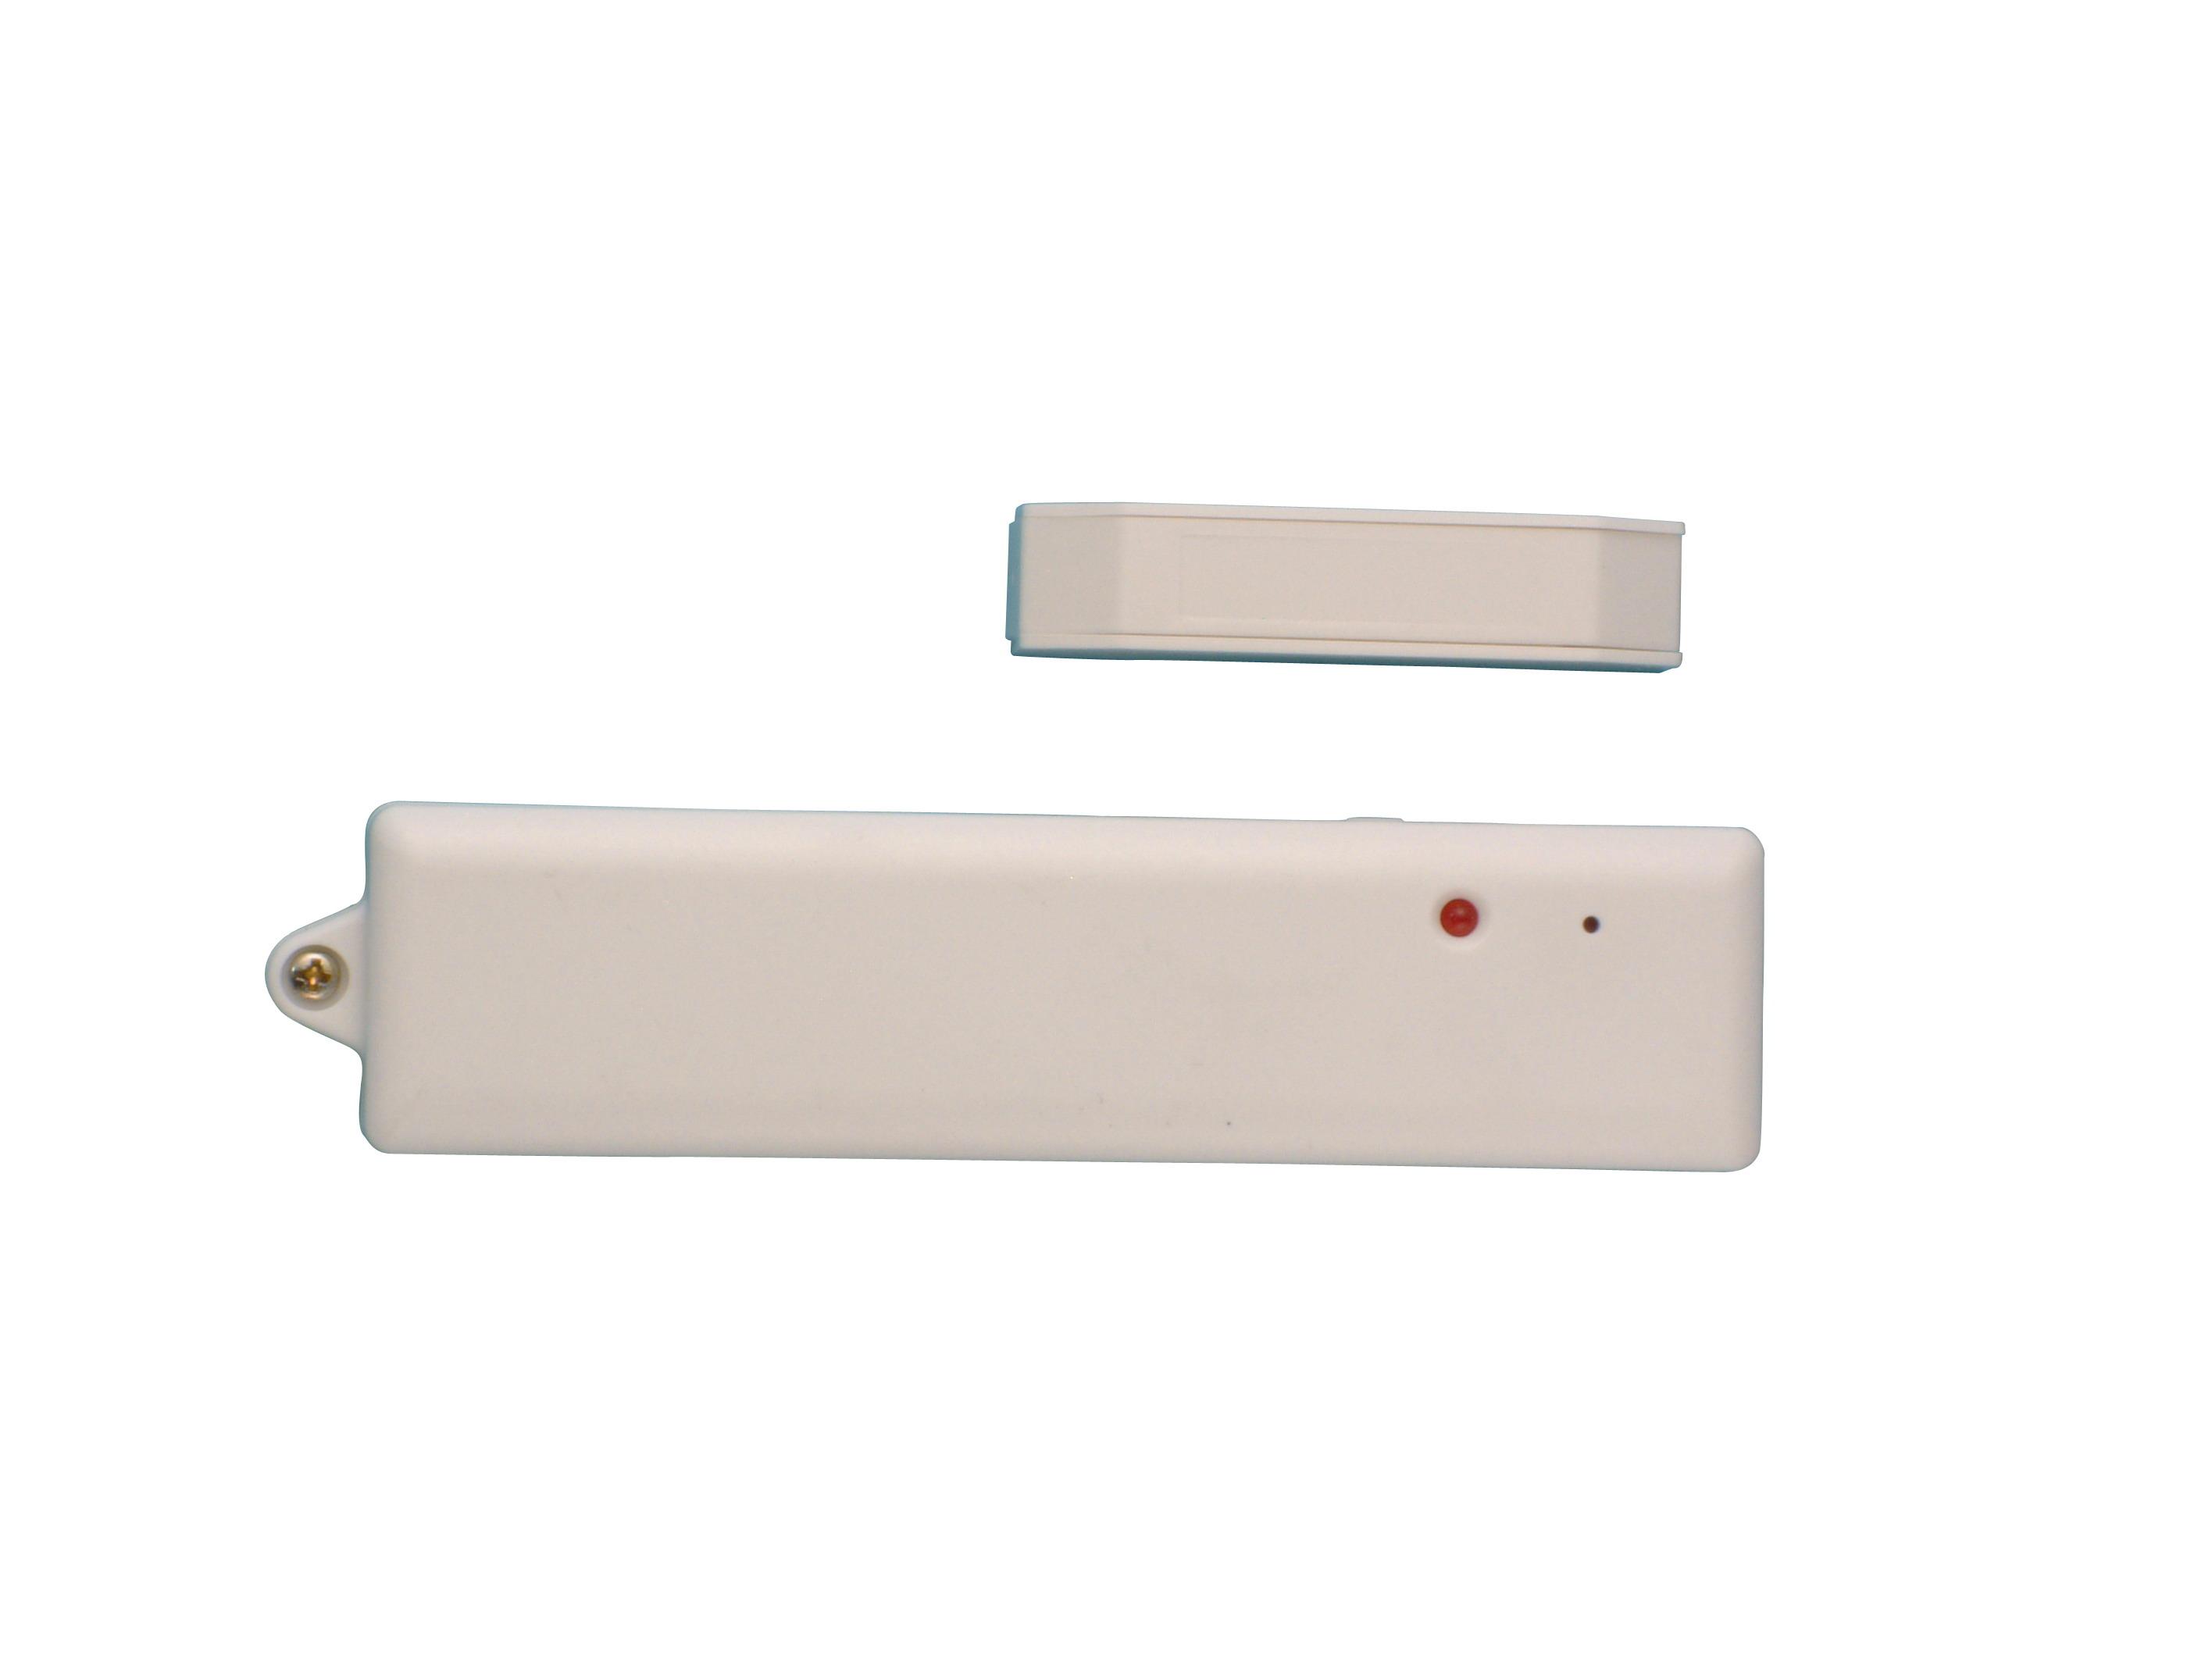 Sensore di allarme wireless per porte e finestre per centraline fedom sensori da interno - Antifurto porte e finestre ...